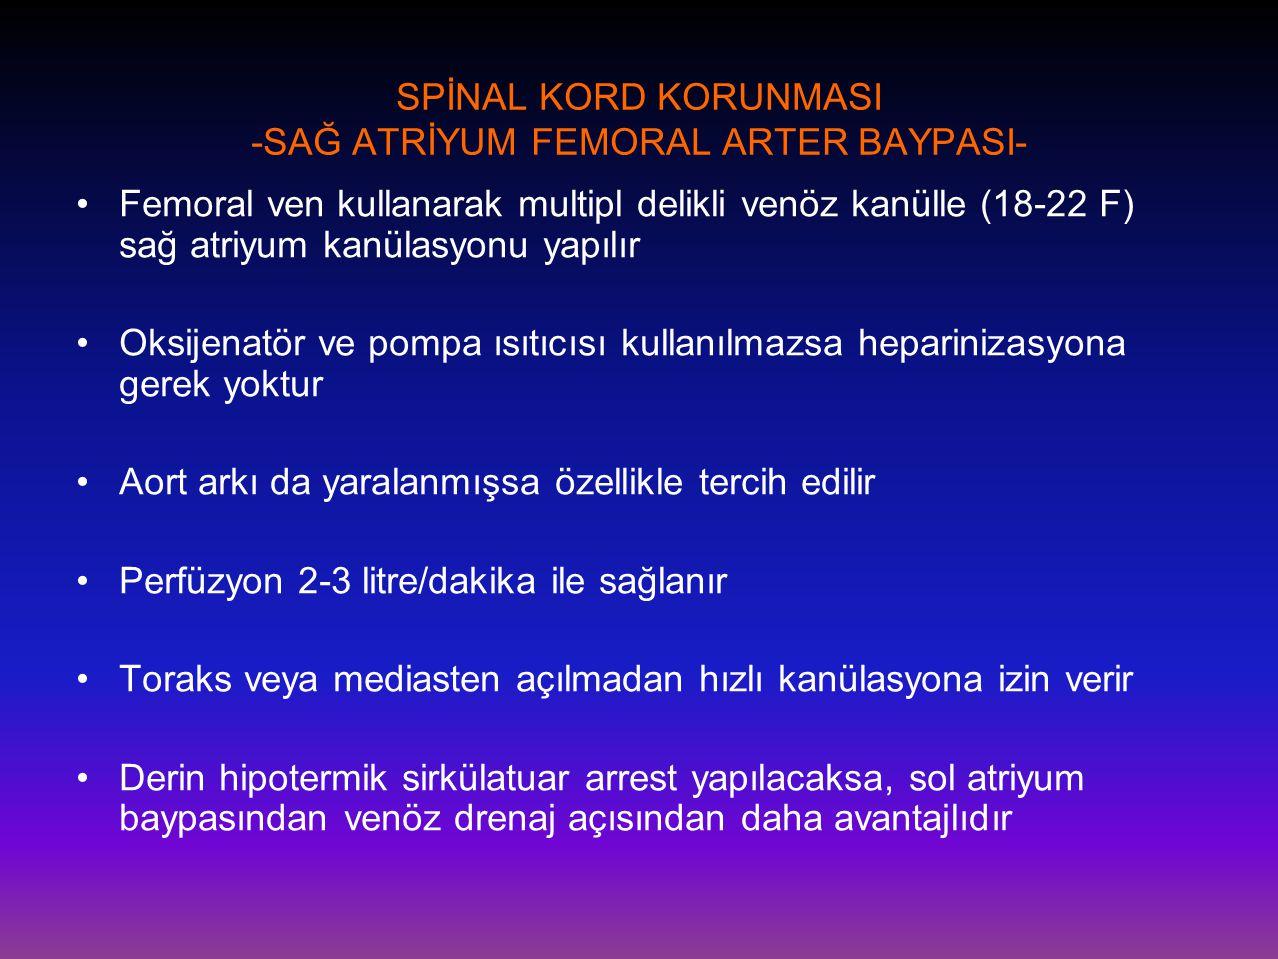 SPİNAL KORD KORUNMASI -SAĞ ATRİYUM FEMORAL ARTER BAYPASI- •Femoral ven kullanarak multipl delikli venöz kanülle (18-22 F) sağ atriyum kanülasyonu yapı